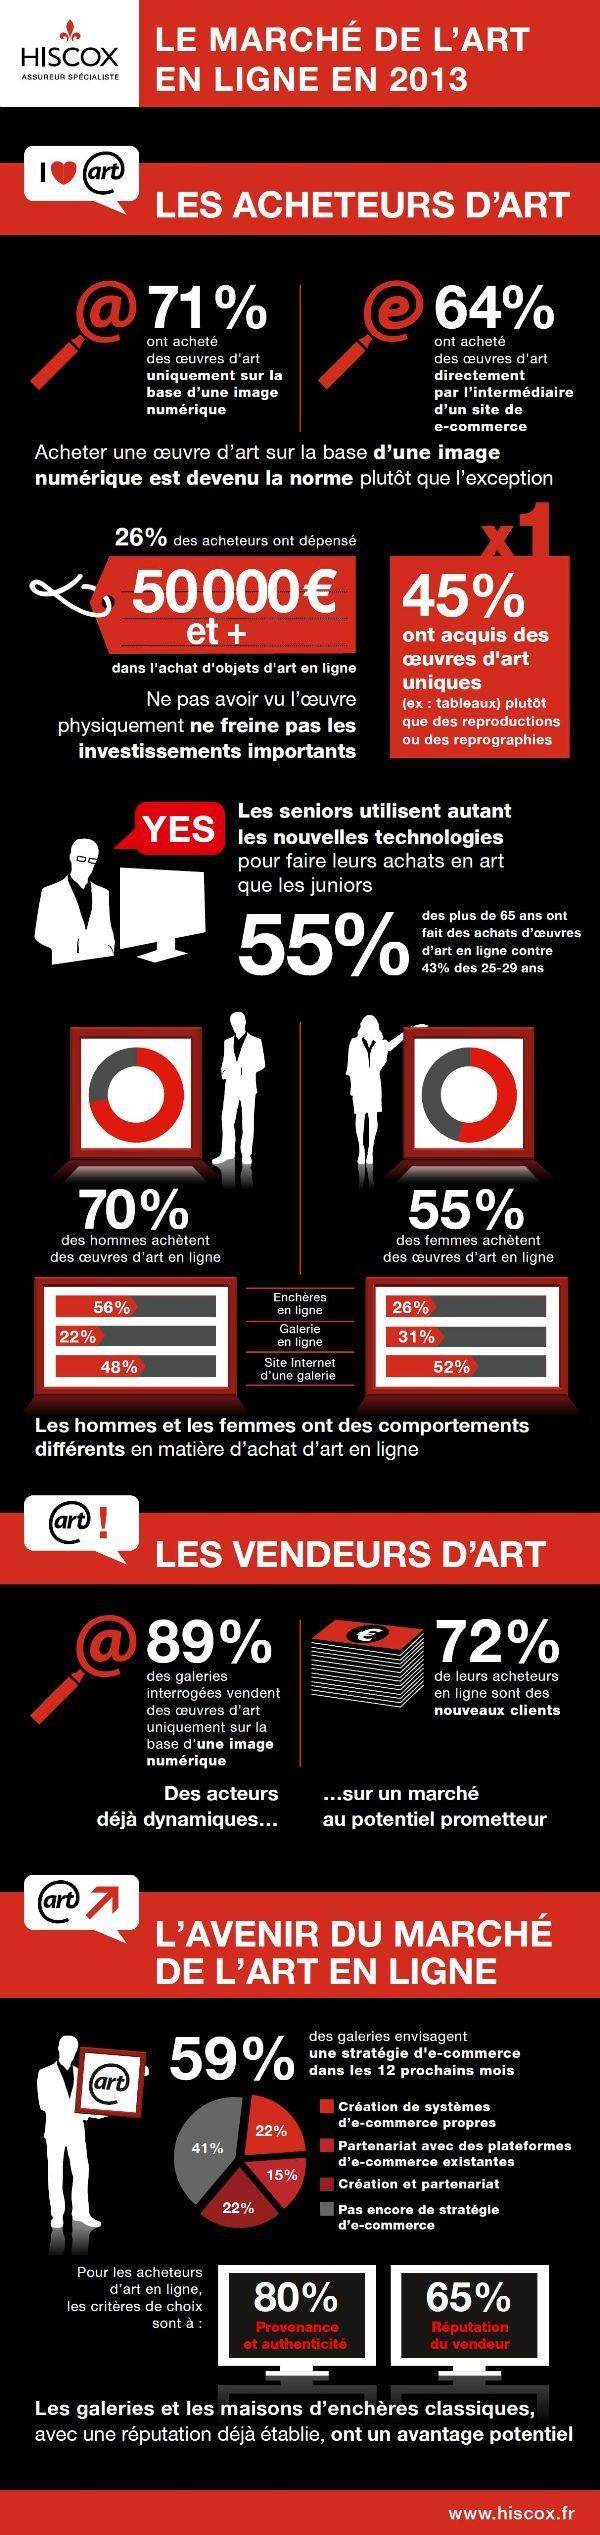 infographie_marche_art_en_ligne